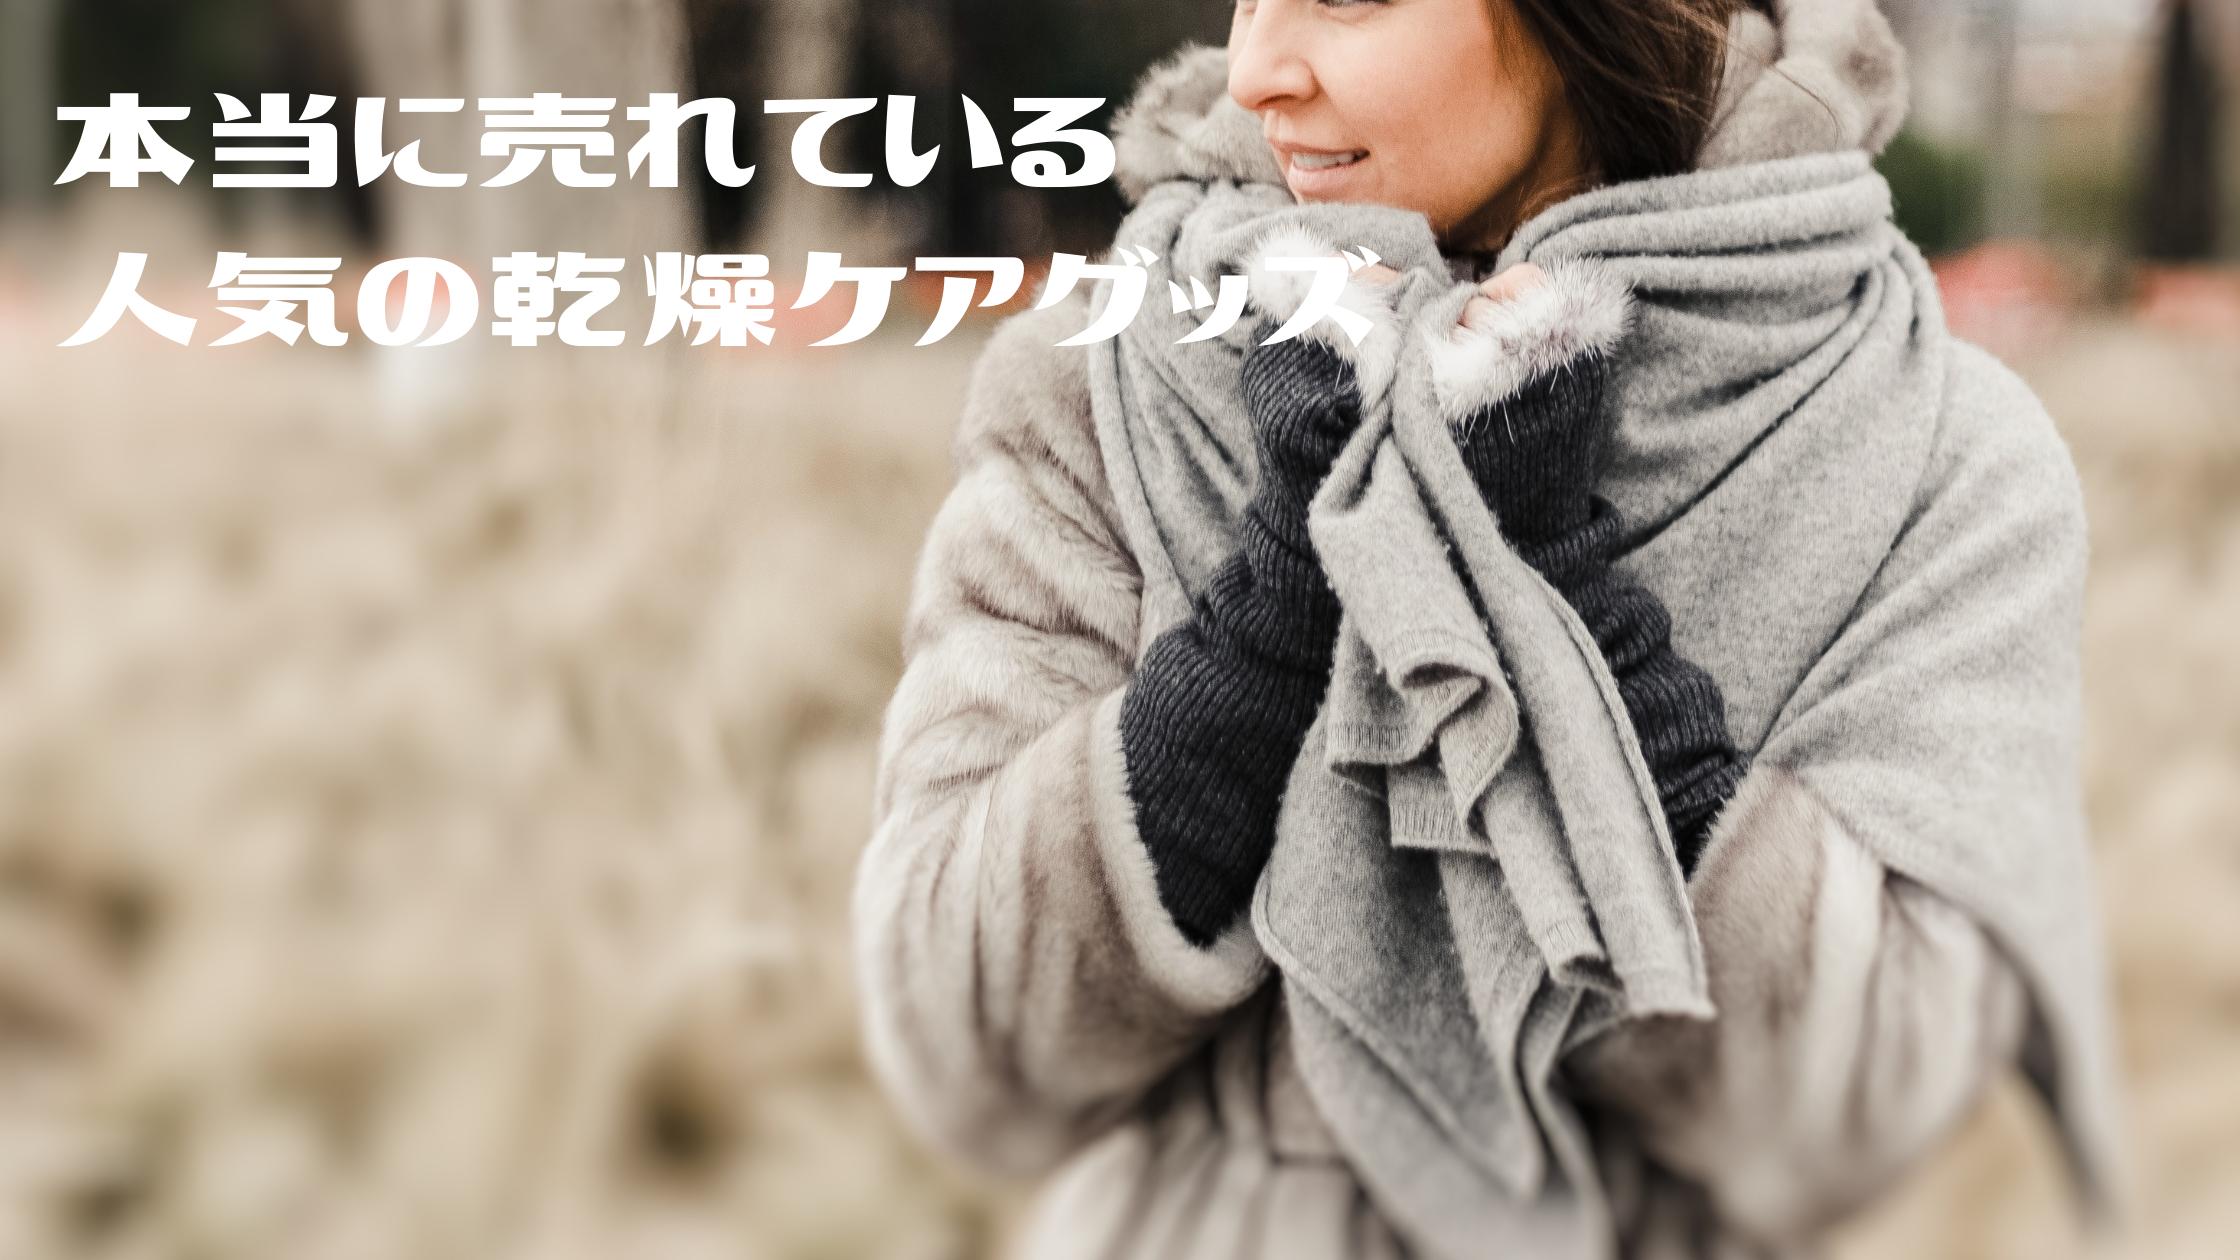 【バゲット】本当に売れている渋谷ロフトの店員さんおすすめ『乾燥ケアグッズ』